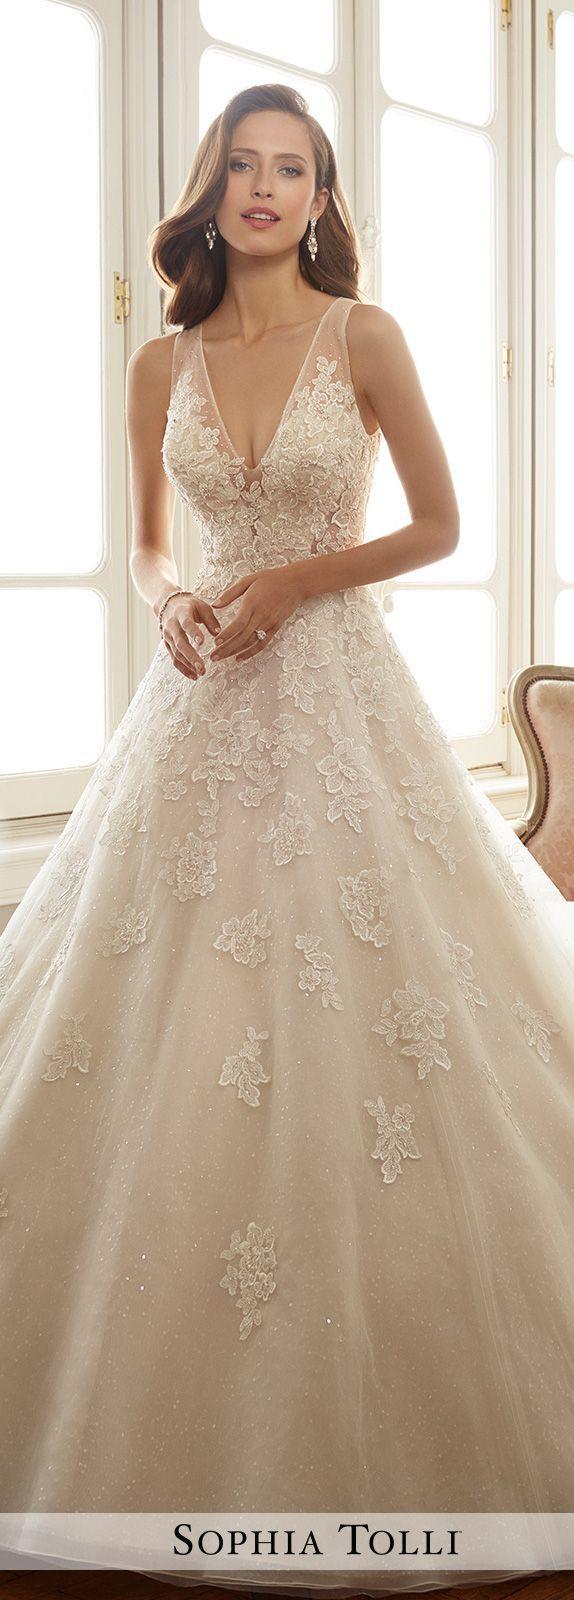 Wedding Dress by Sophia Tolli Spring 2017 Bridal Collection   Style No. » Y11701 Ciel